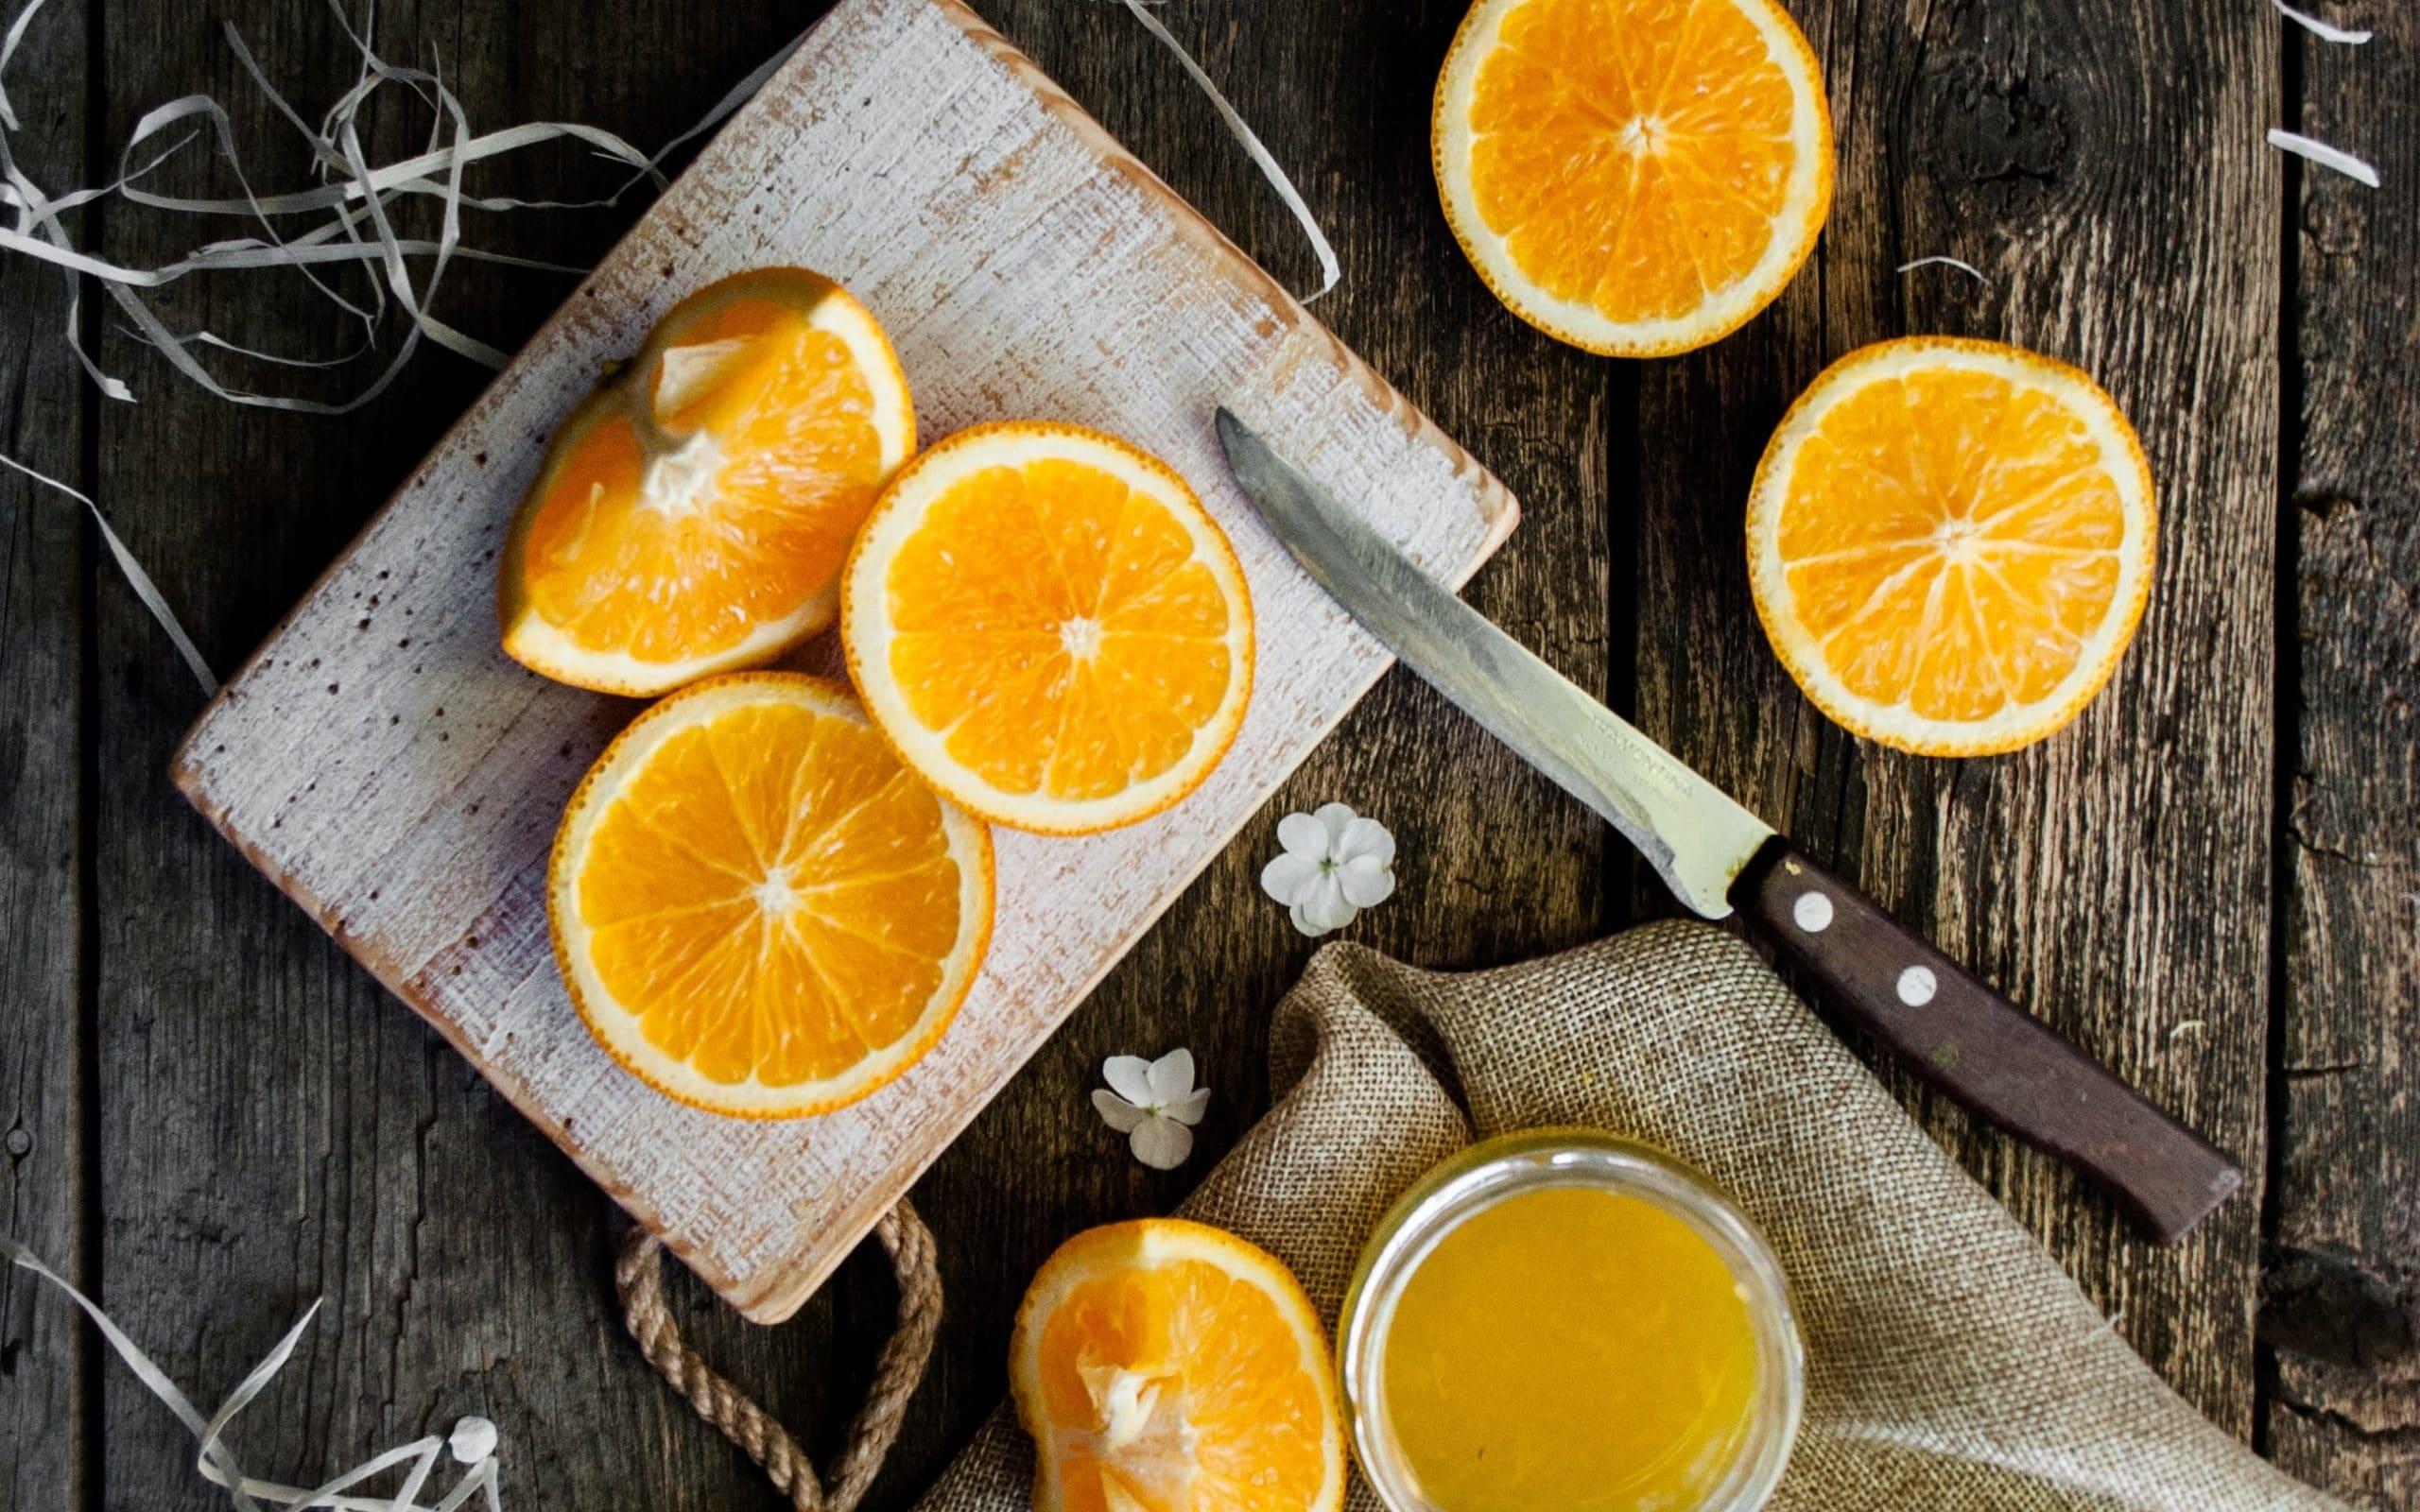 orange juice vitamin d skyrunning girl skyrunner